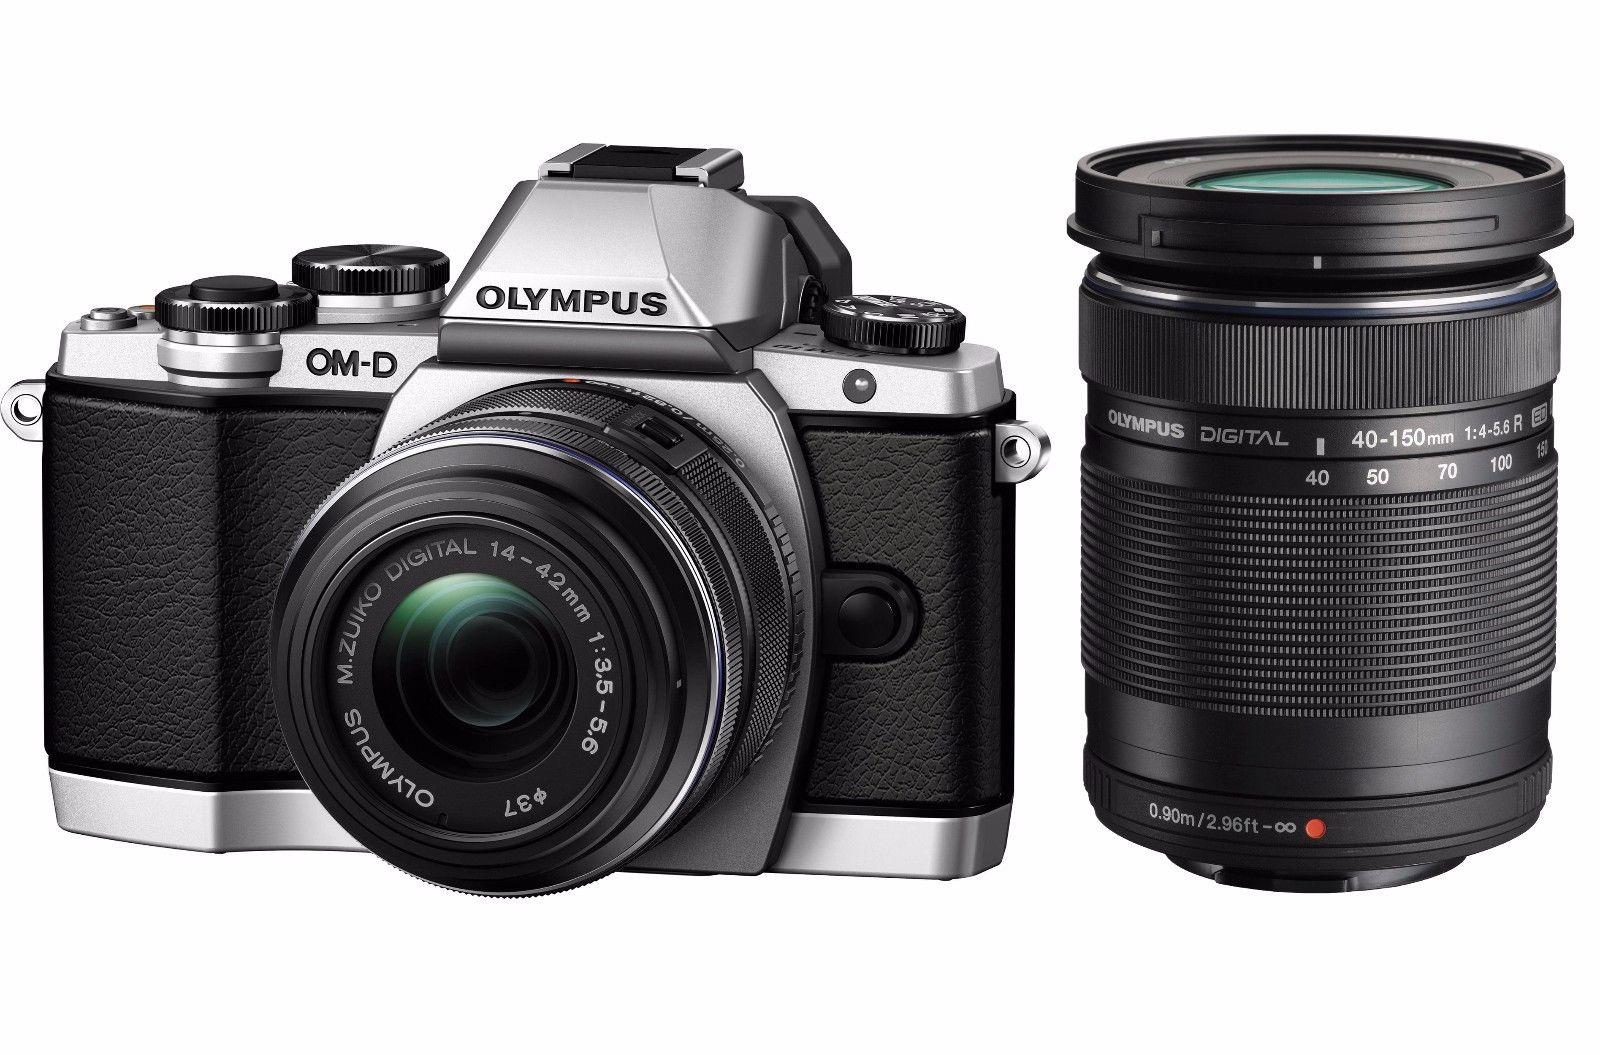 Hot Deal: Olympus E-M10 Kit w/ 14-42mm & 40-150mm Lens for $449.95